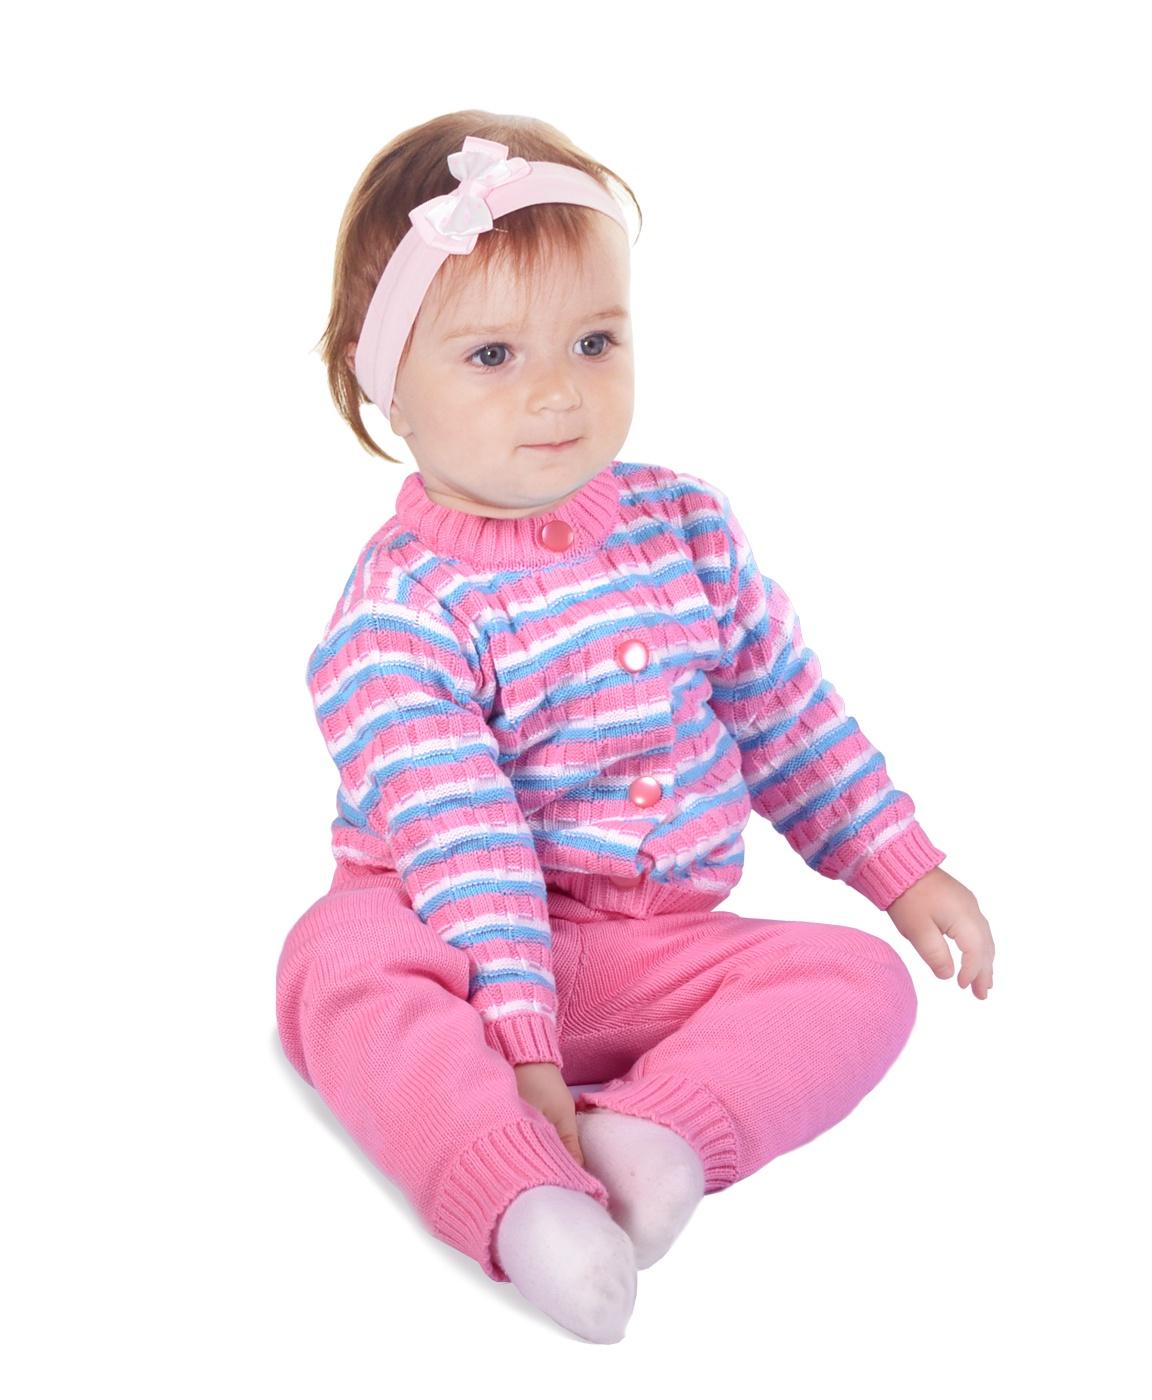 Комплект одежды Golden Kids одежда жади из клона фото